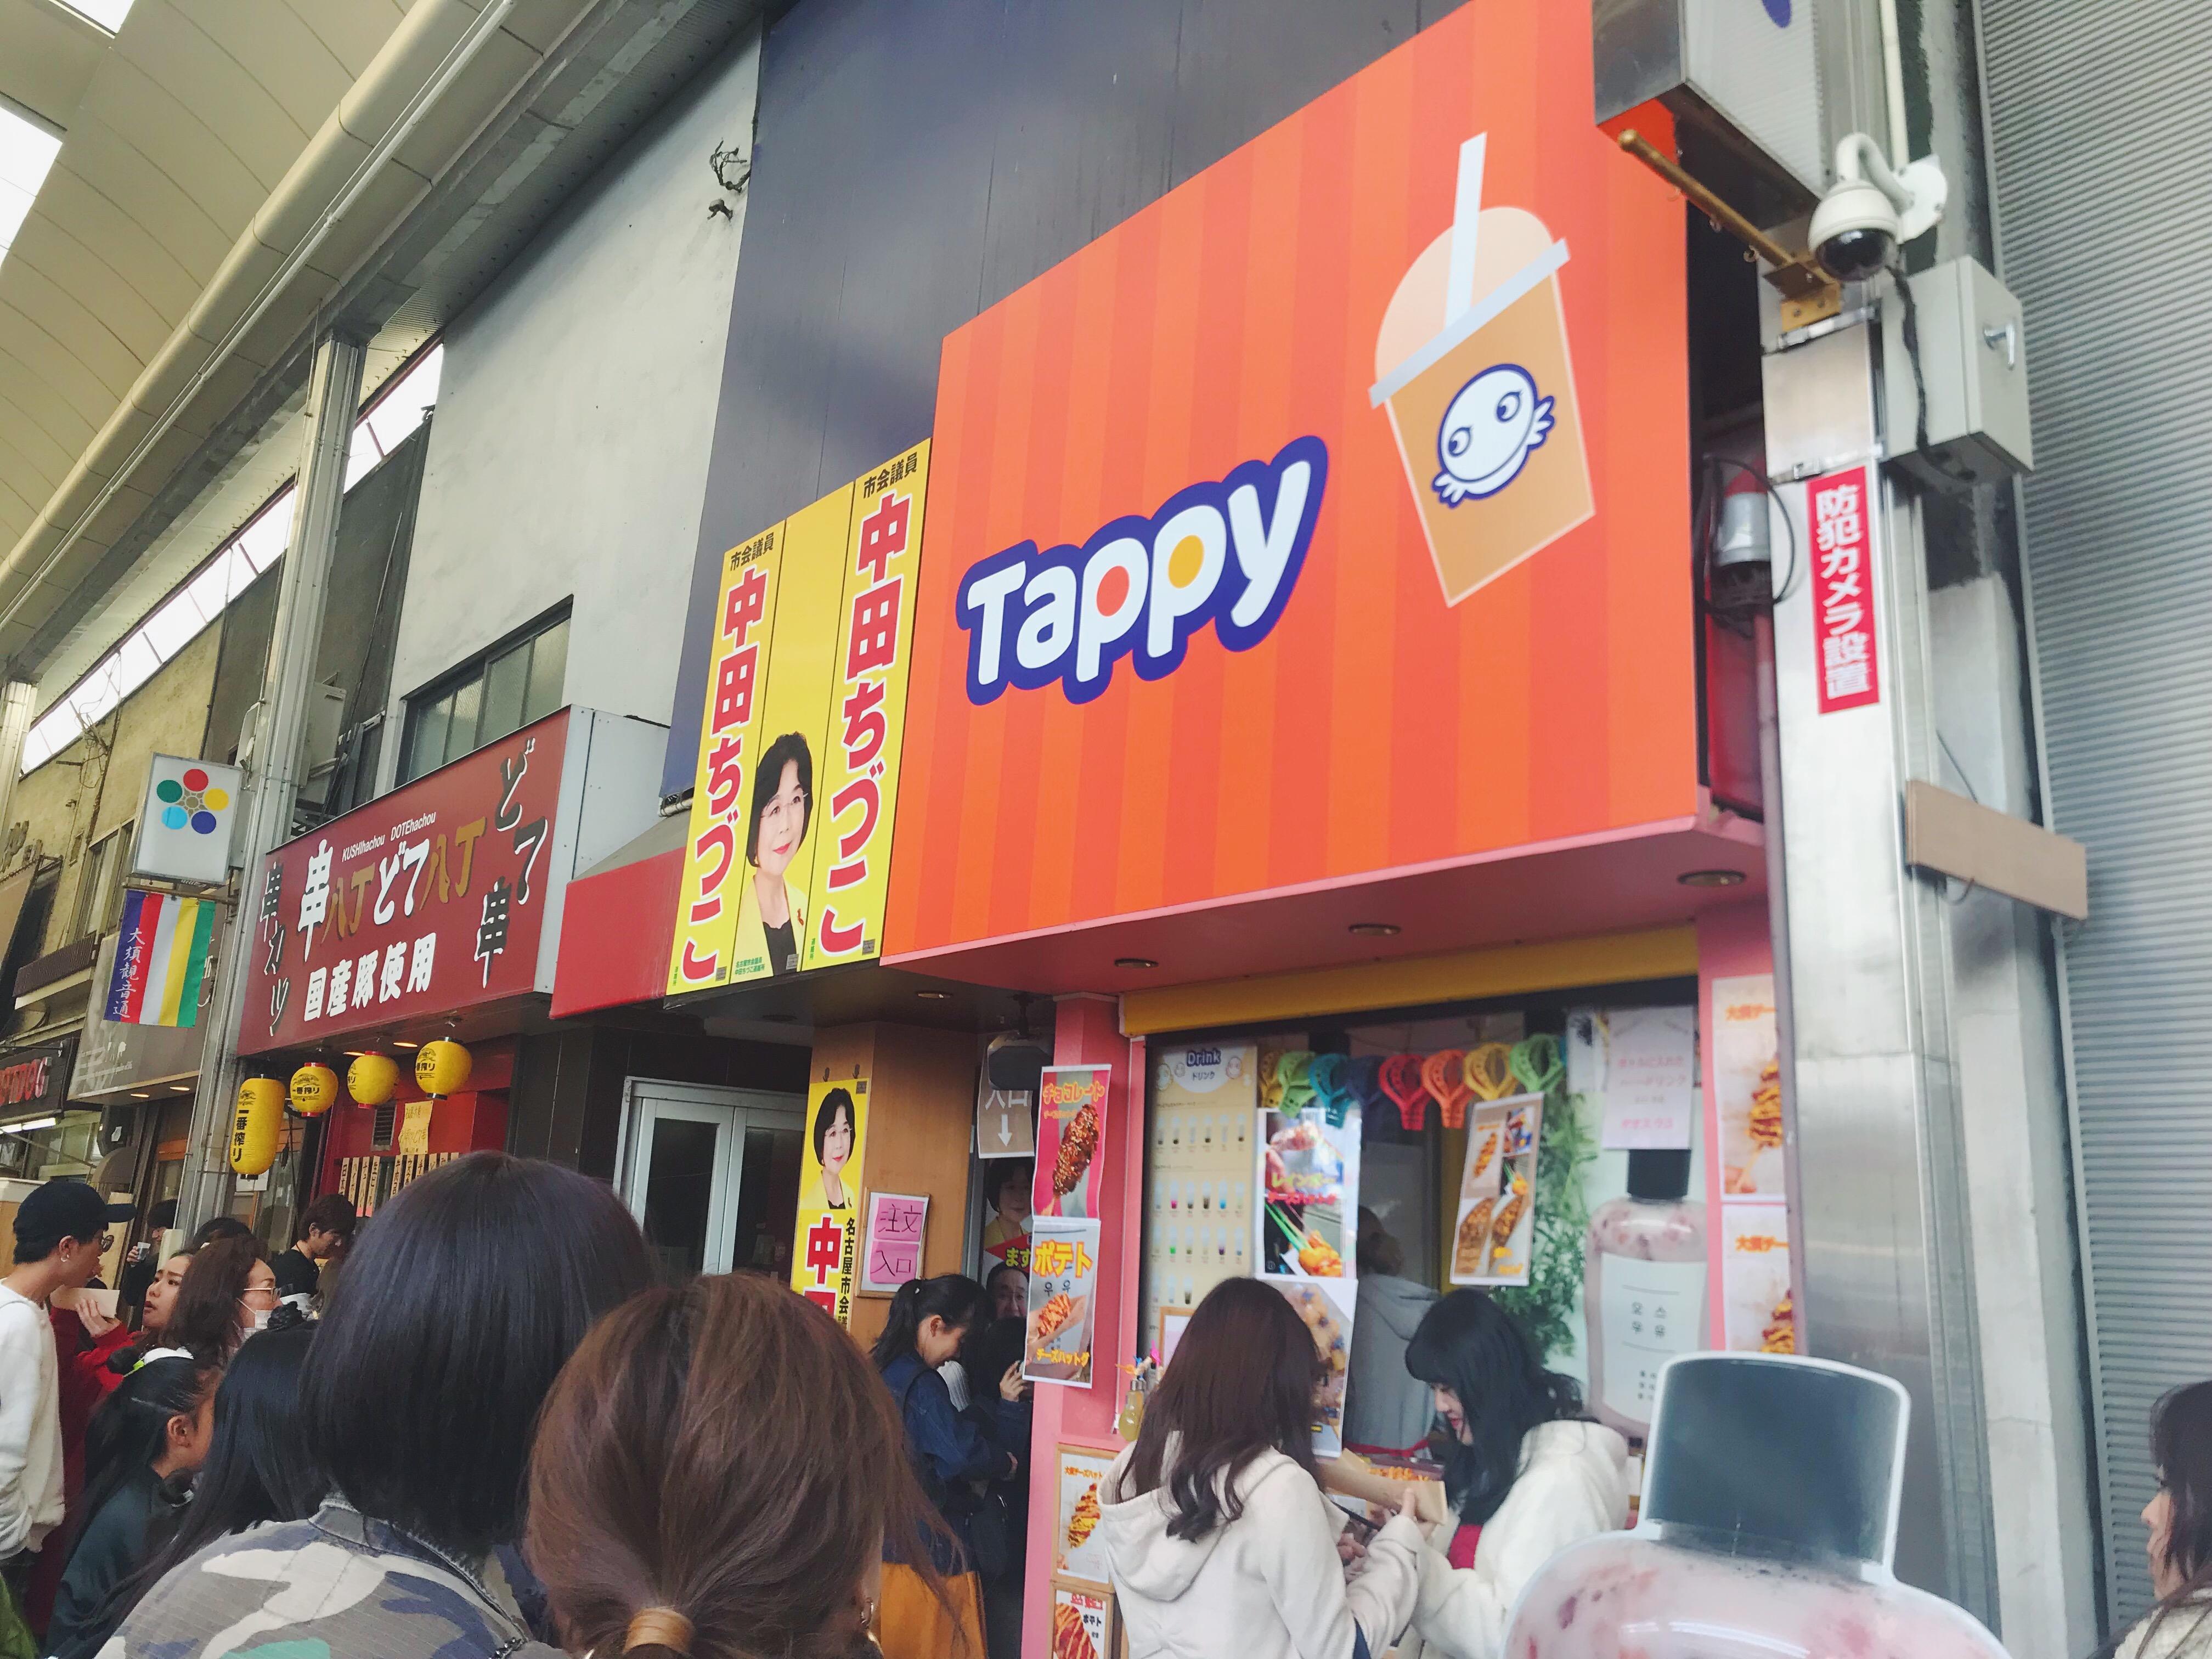 新・大須の食べ歩きメニュー!韓国で人気の「オオスウユ」を飲むなら『Tappy』で - 4D7355D9 1A07 4EBE B5C8 37B152B39B2A